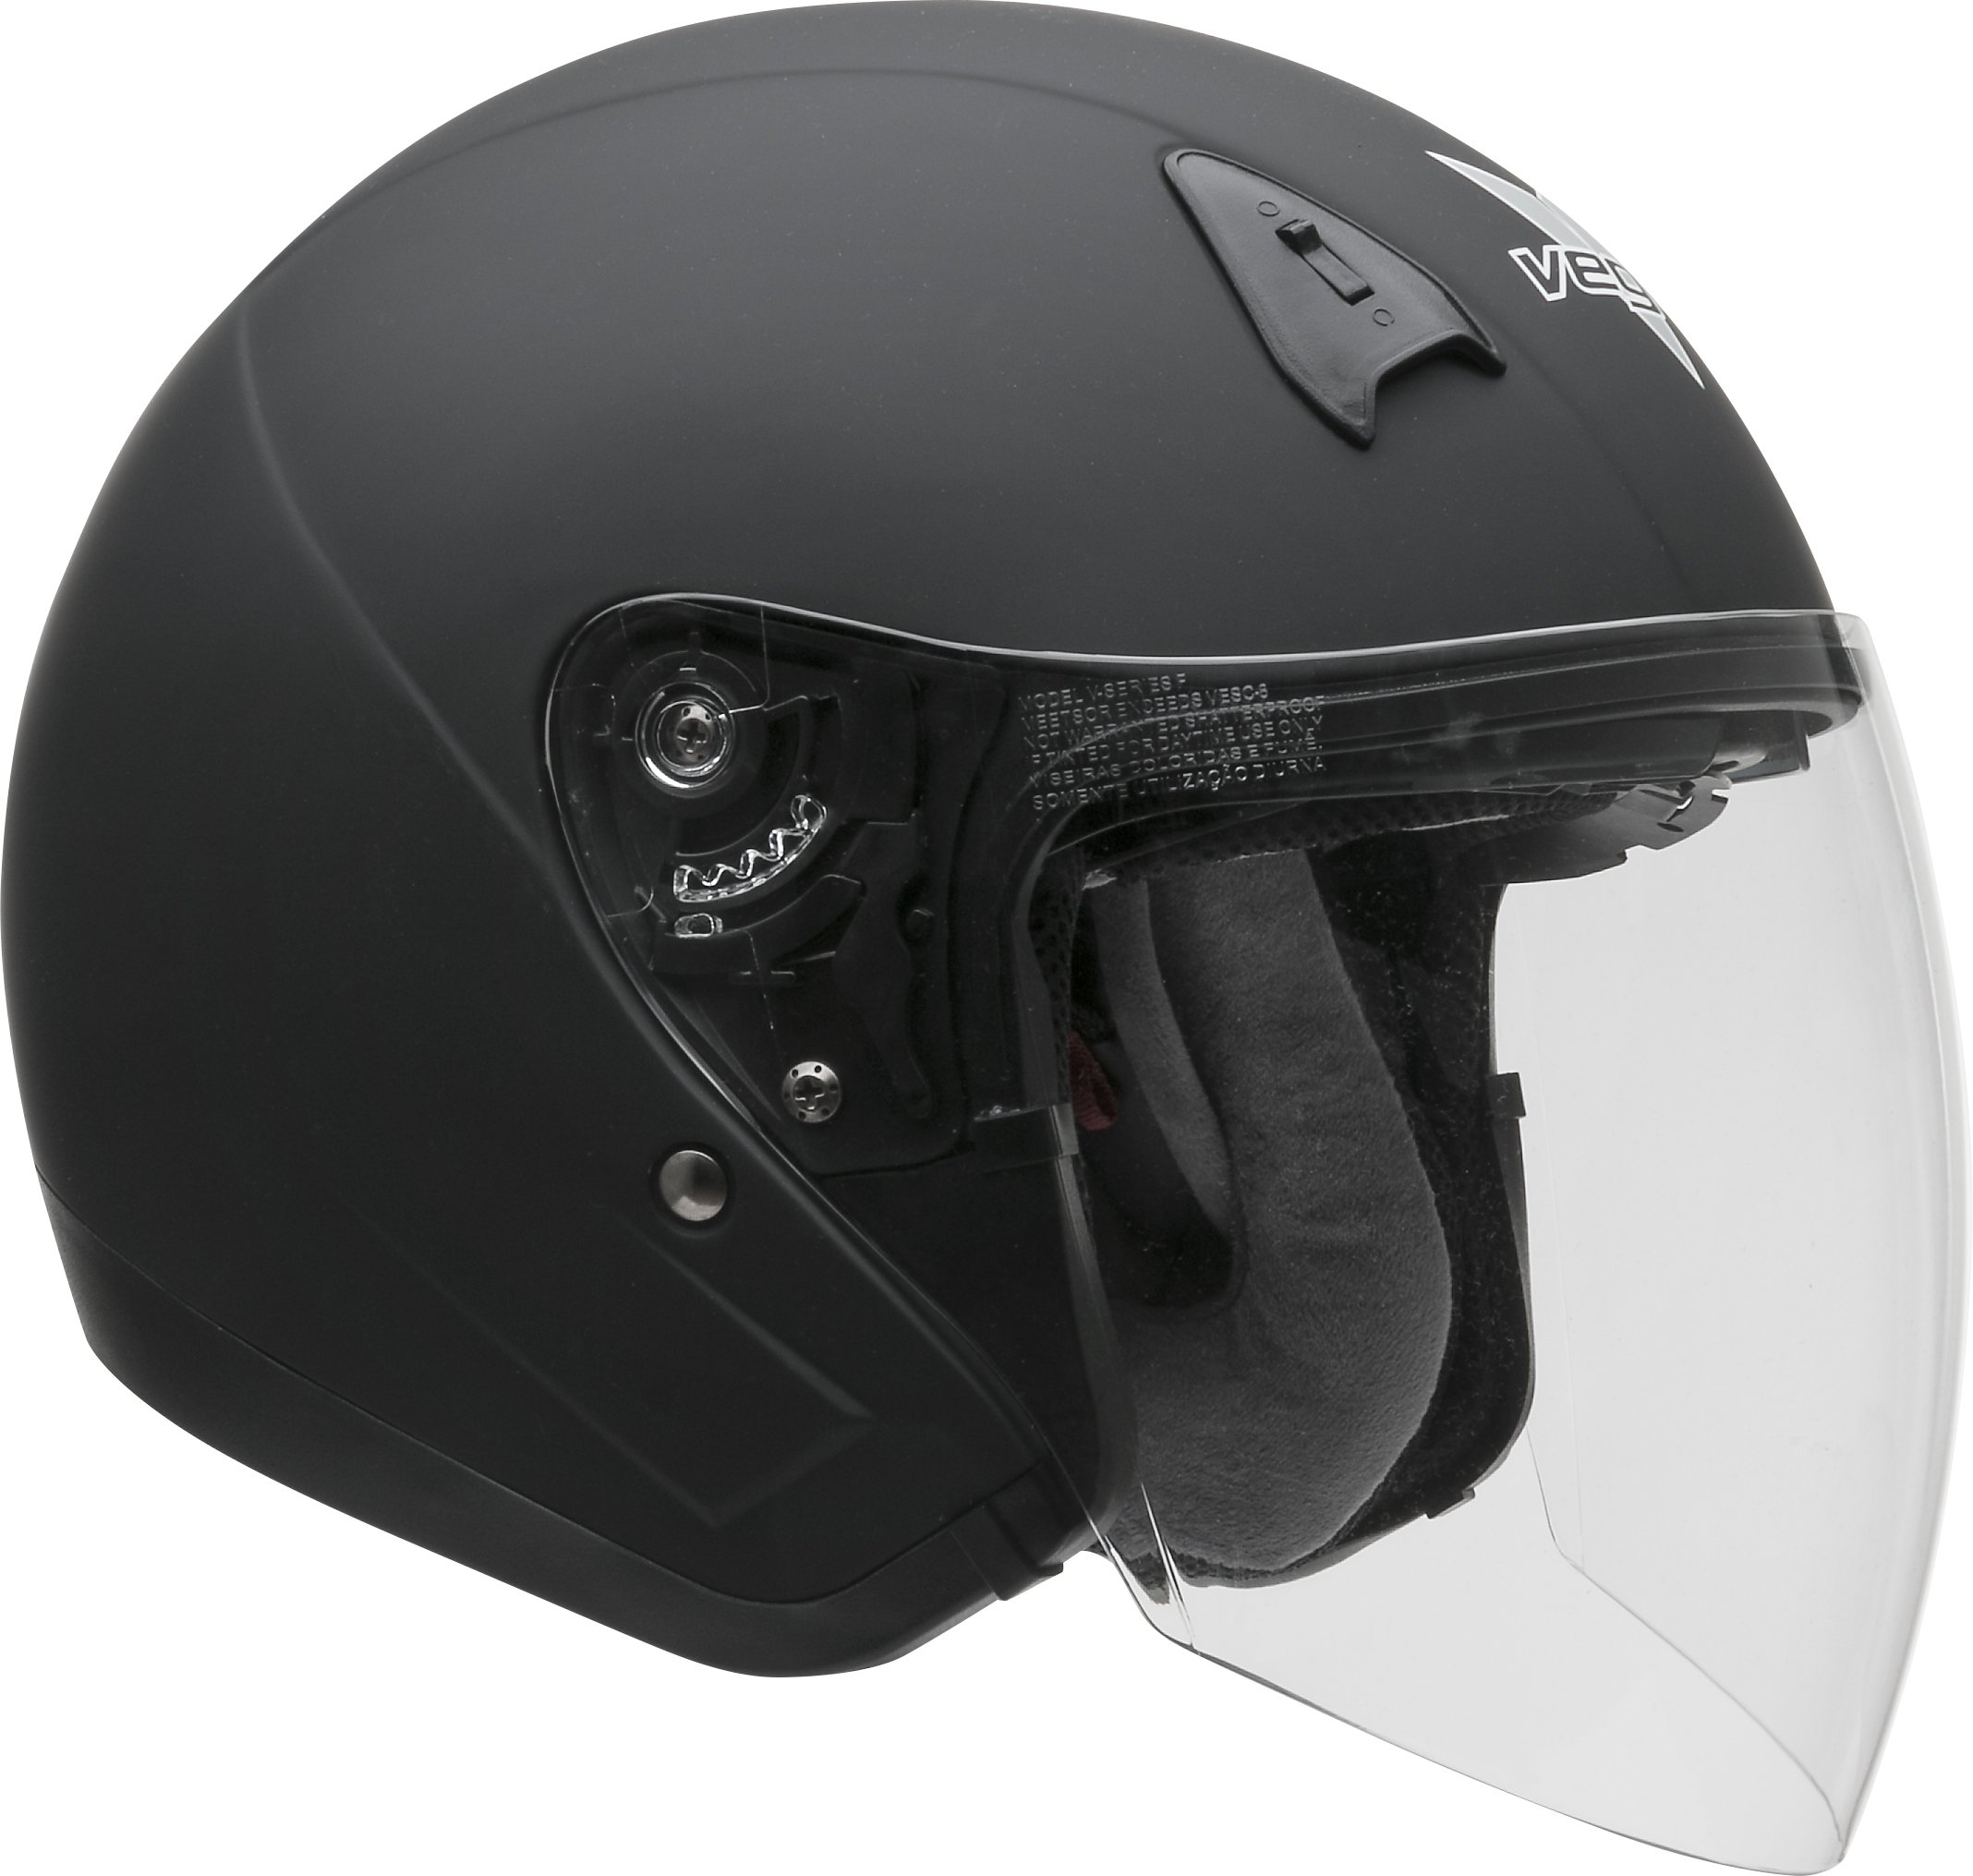 Vega Helmets VTS1 Open Face Motorcycle Helmet with Inner Sunshield - DOT Certified Full Face Shield & Visor Motorbike Helmet for Cruisers Street Bike Scooter Touring Moped Moto (Matte Black, Large) by Vega Helmets